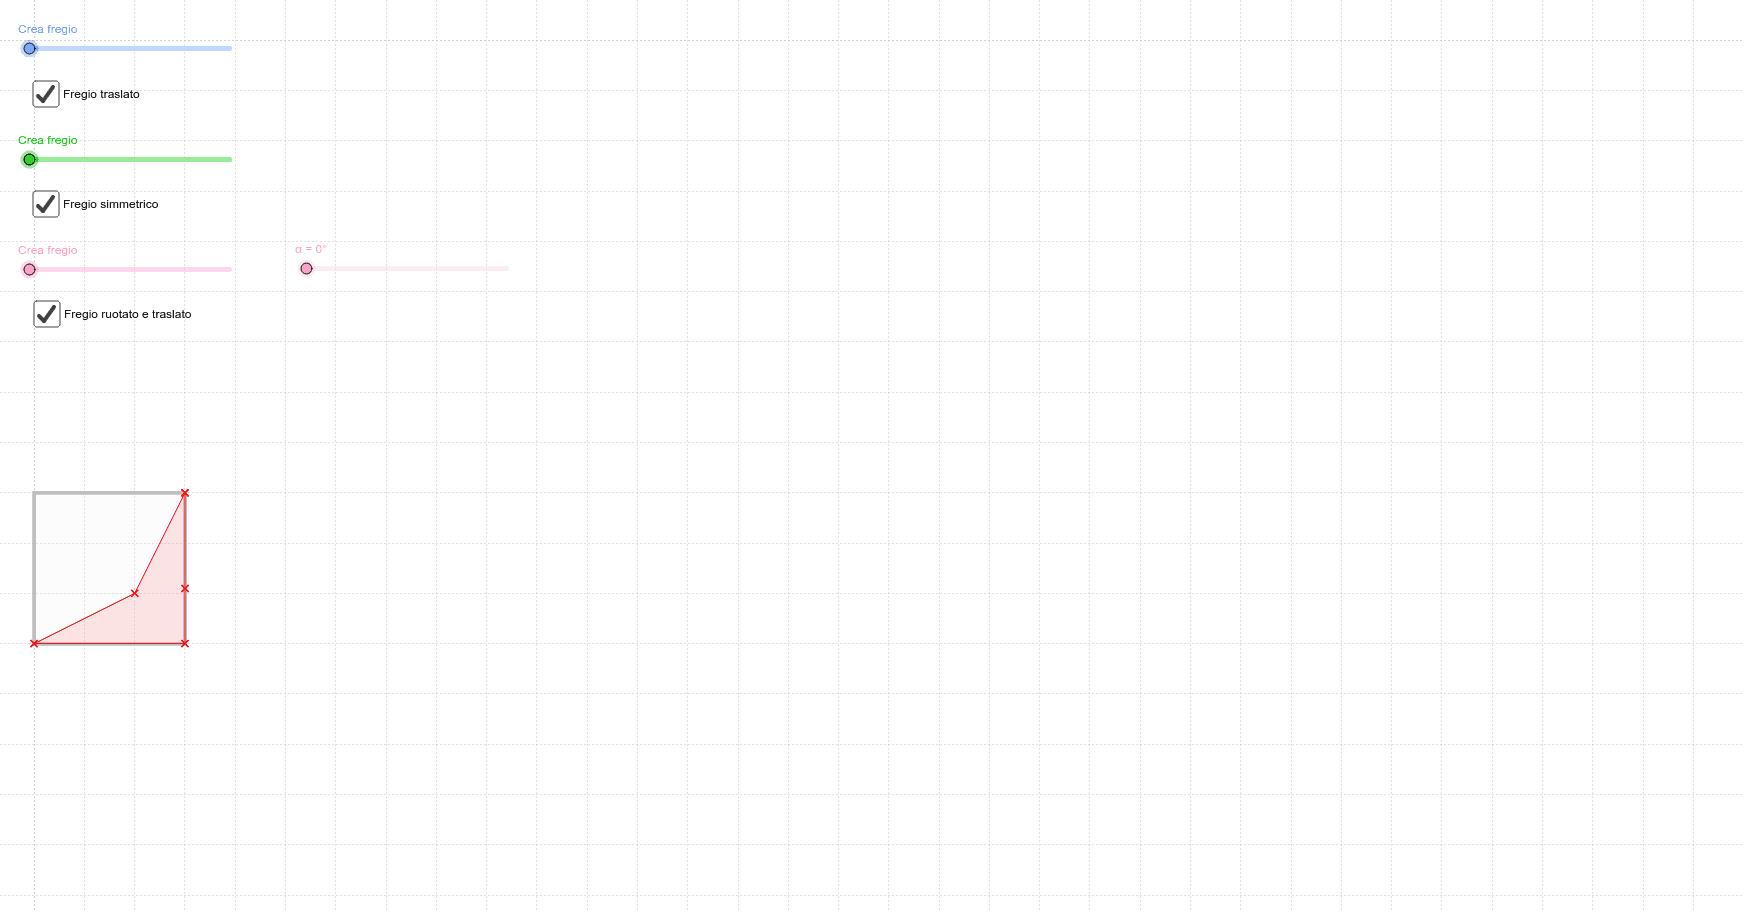 Muovi i punti rossi per crearti un timbro. Scorri gli slider per ottenere i fregi. Premi Invio per avviare l'attività